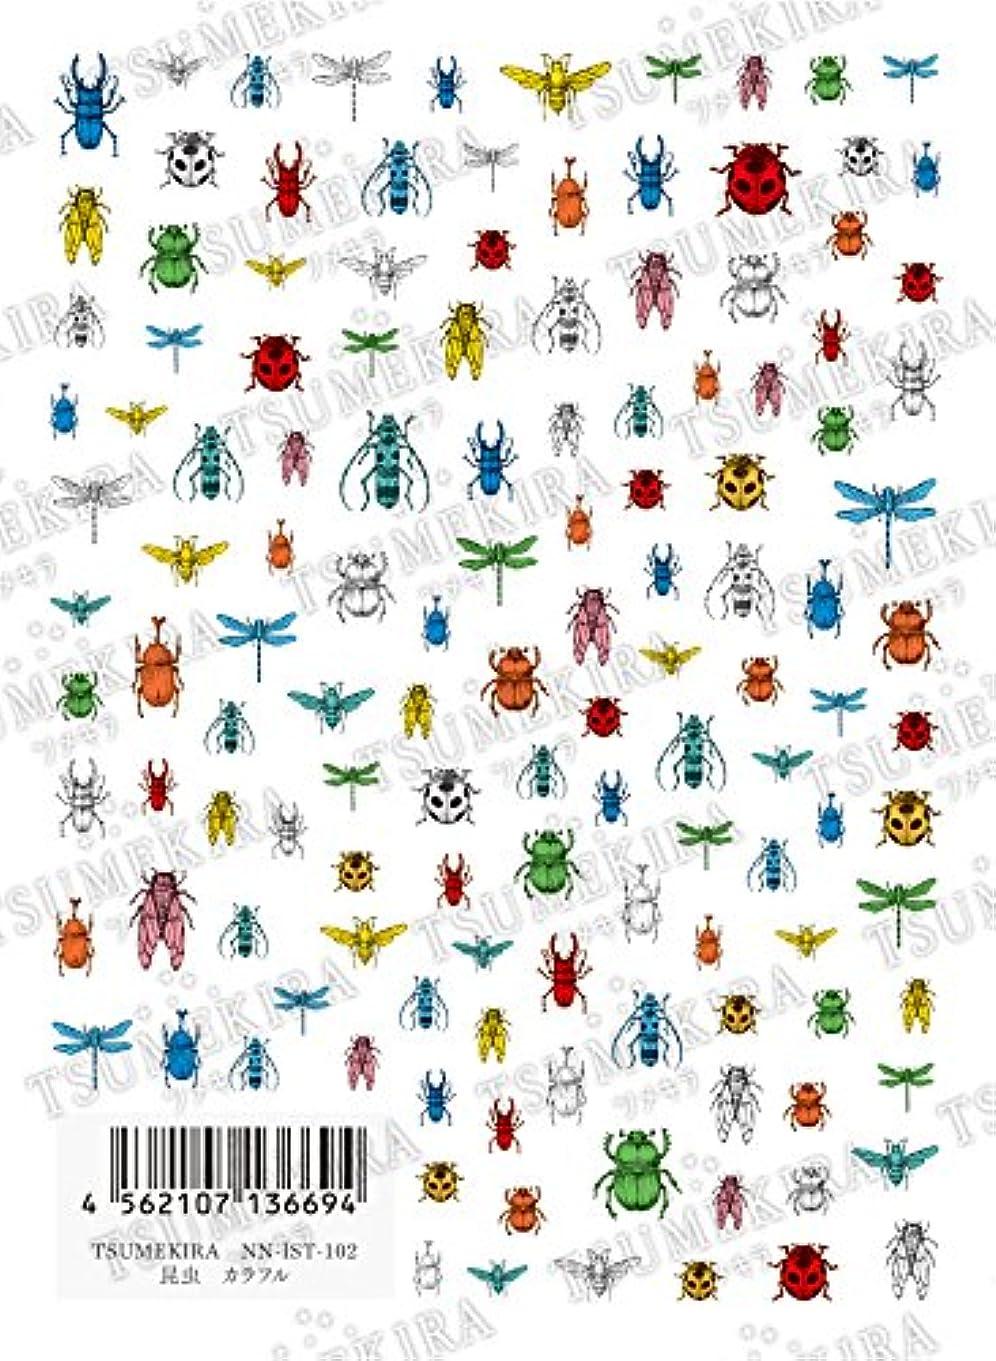 理解する苦味パイプラインツメキラ ネイル用シール 昆虫ライン カラフル